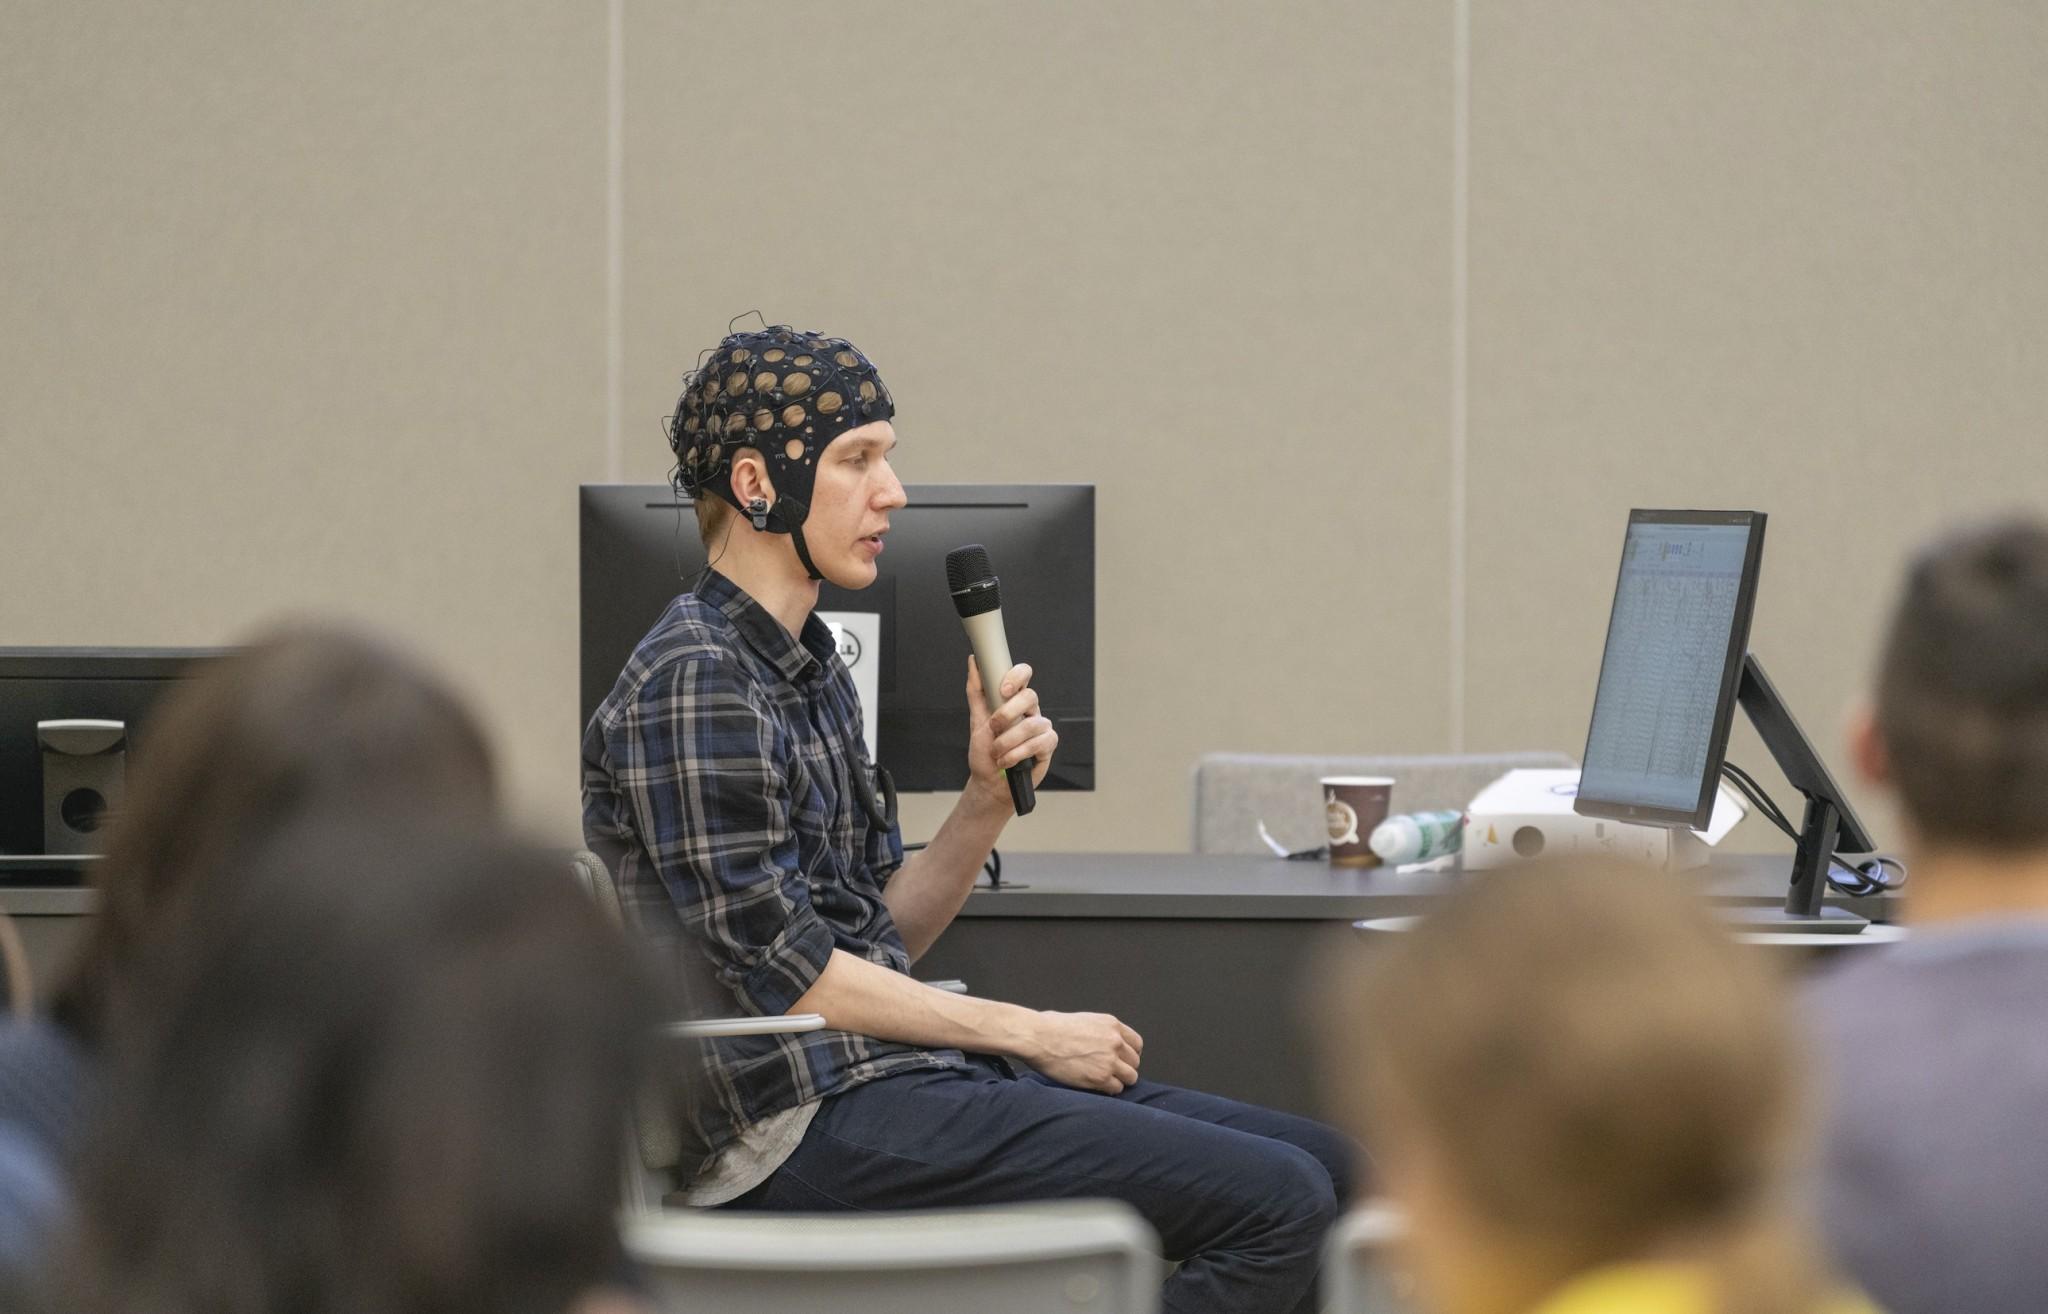 Николай Сметанин демонстрирует работу идеомоторного интерфейса. Фото: Тимур Сабиров / Сколтех